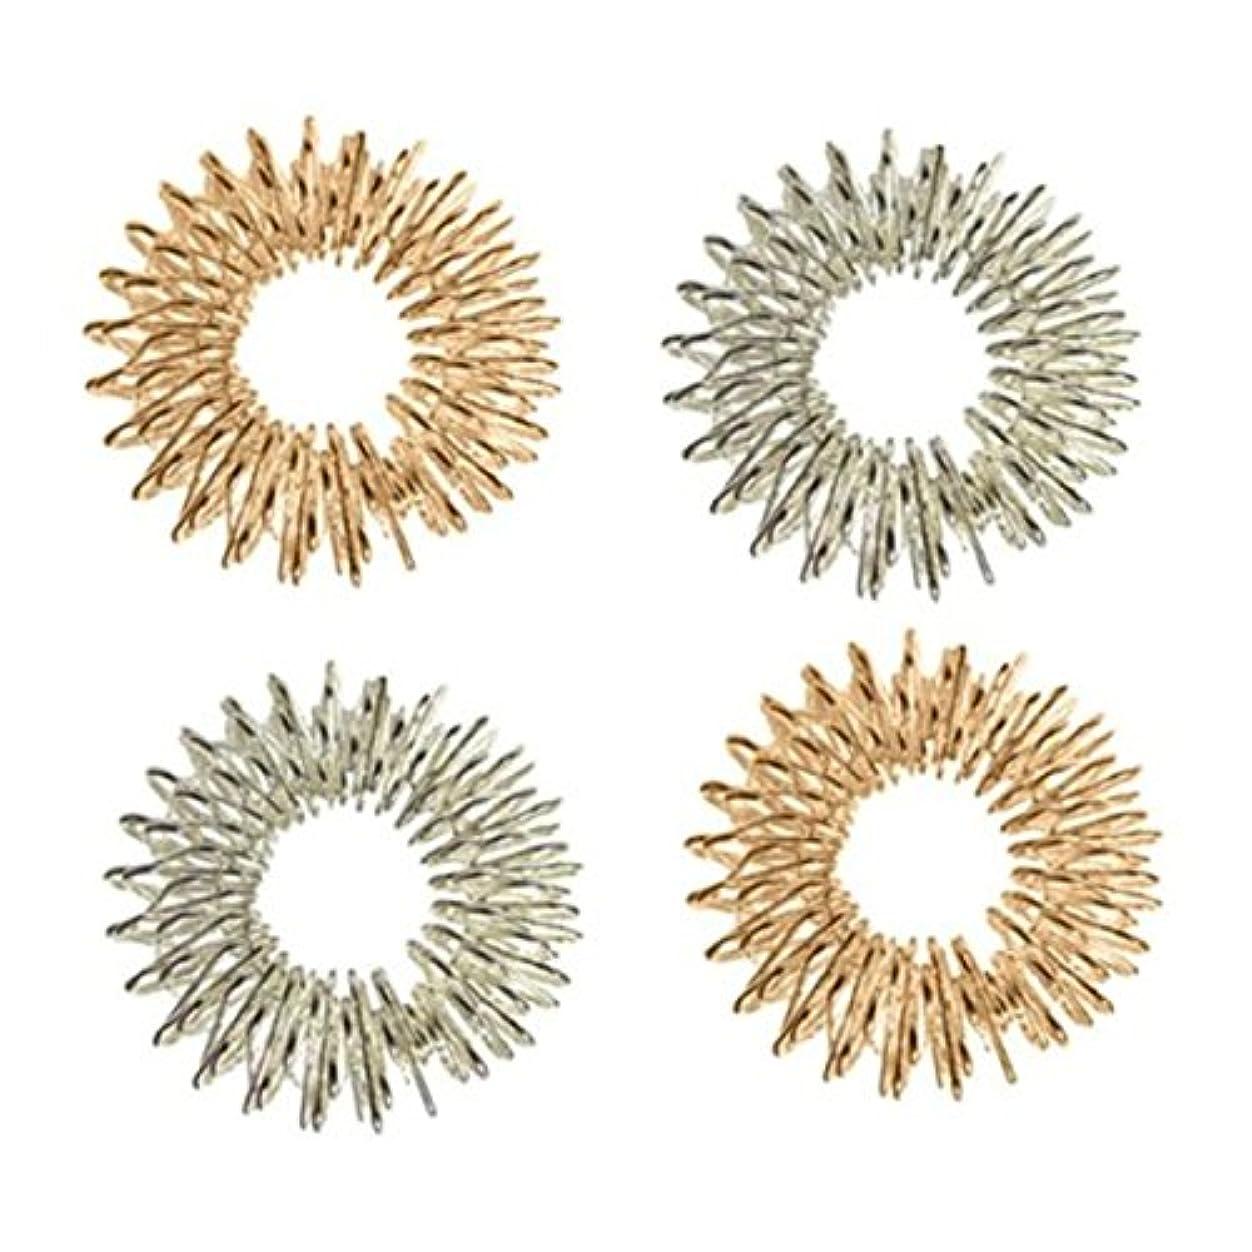 チロ伸ばすレーザHealifty 4本指圧マッサージリング指の循環リング子供のための十代の若者たちの大人(シルバー+ゴールデン)